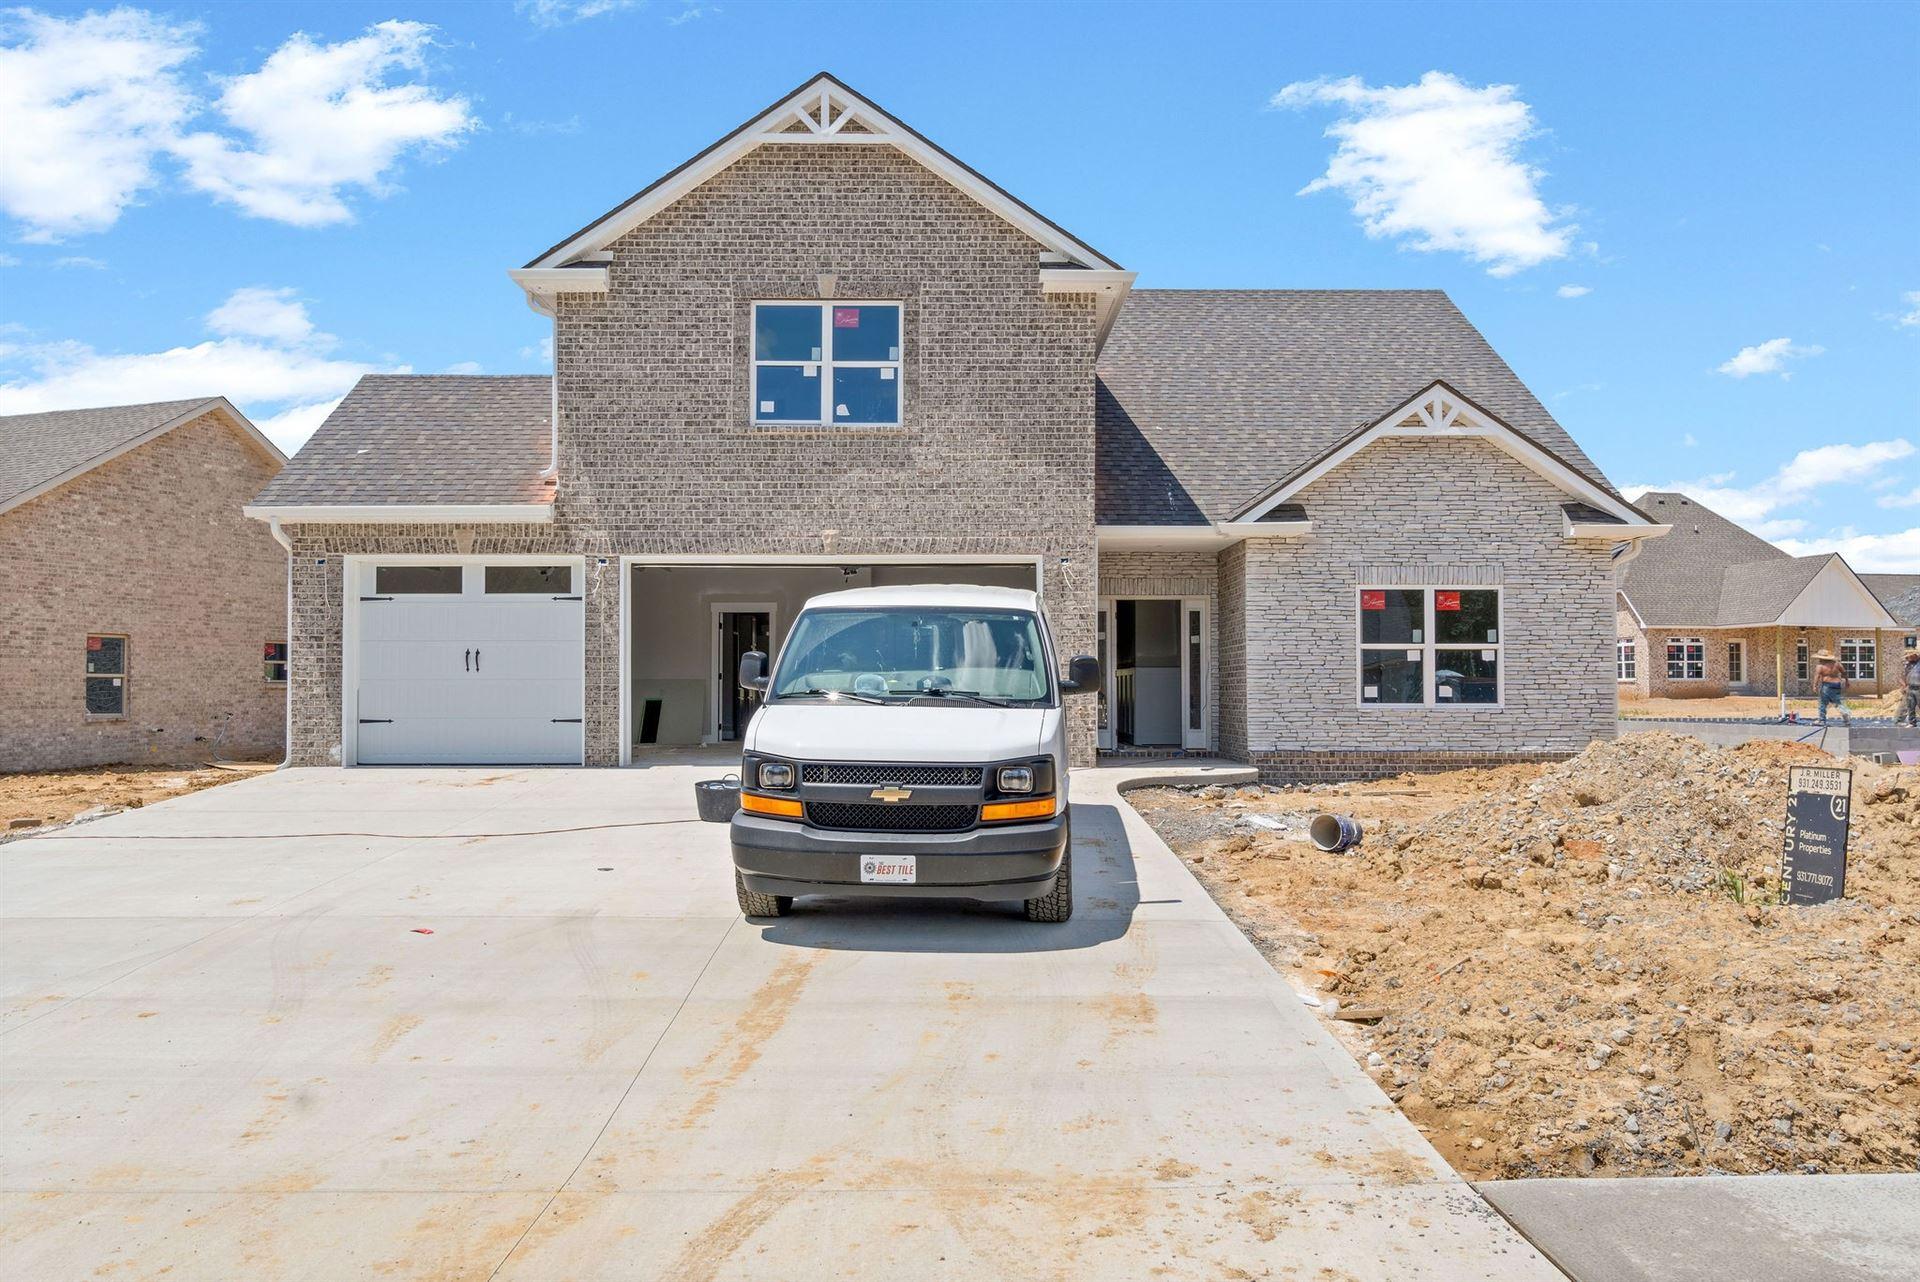 156 Hereford Blvd, Clarksville, TN 37043 - MLS#: 2161871